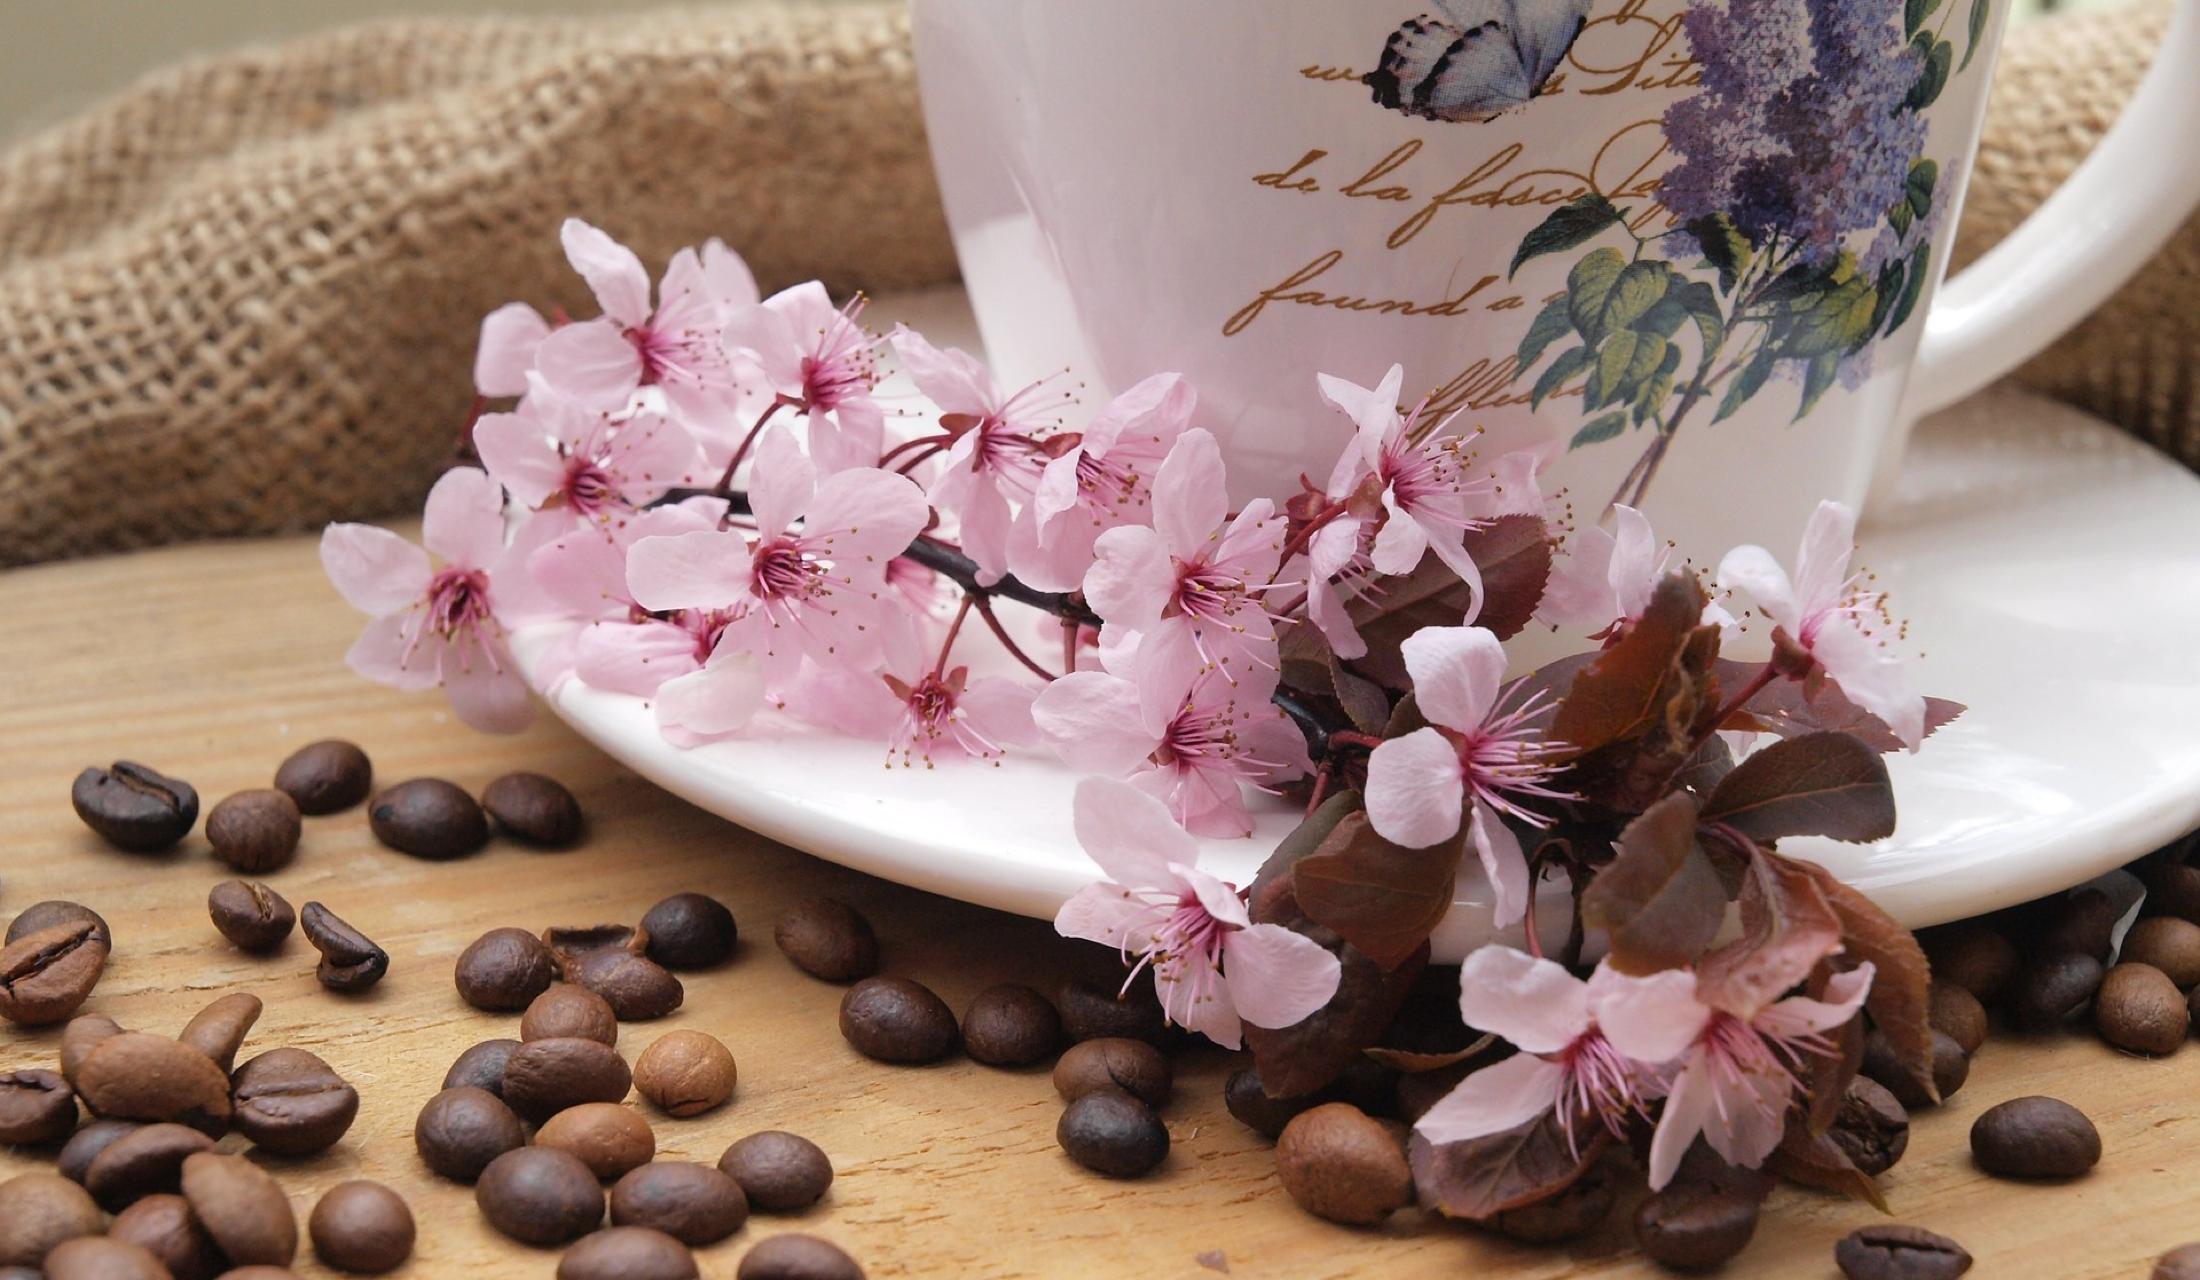 土の栄養分を吸収して育ったコーヒー